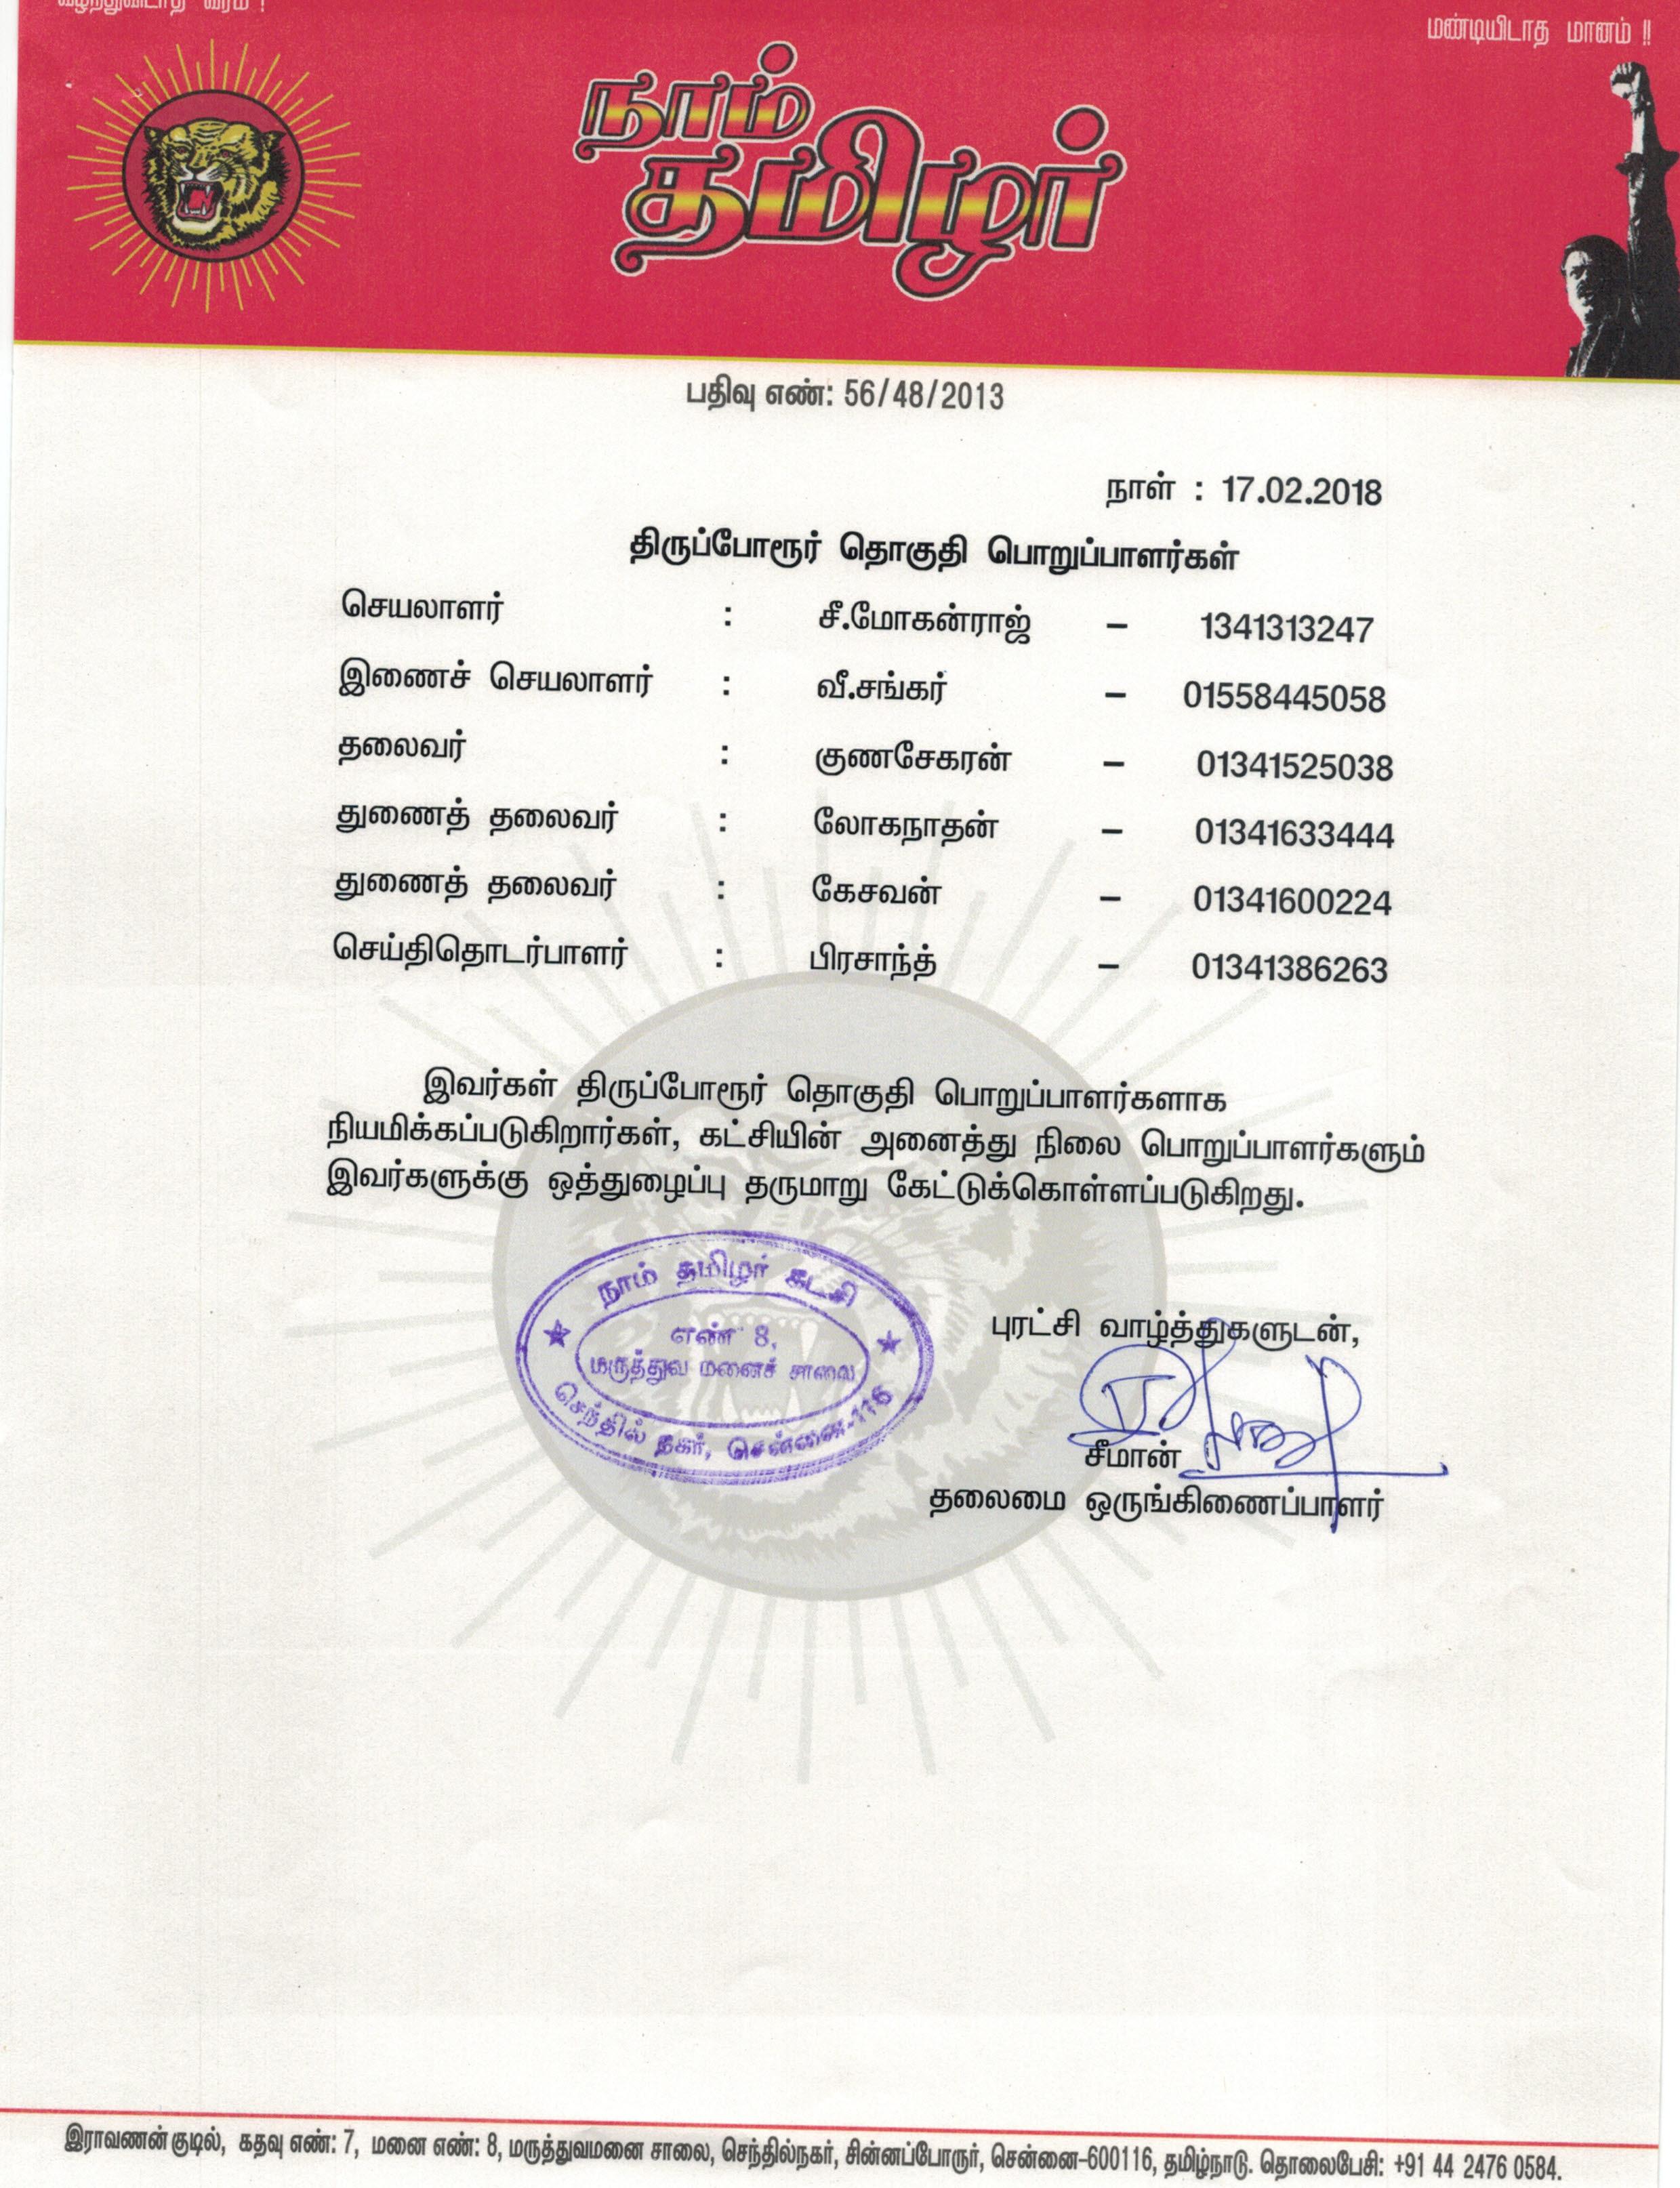 மாவட்டப் பொறுப்பாளர்களுடன் சீமான் சந்திப்பு மற்றும் புதிய நிர்வாகிகள் நியமனம் – (காஞ்சிபுரம் : கிழக்கு மண்டலம் ) seeman announced thiruporur constituency naam tamilar katchi authorities 2018